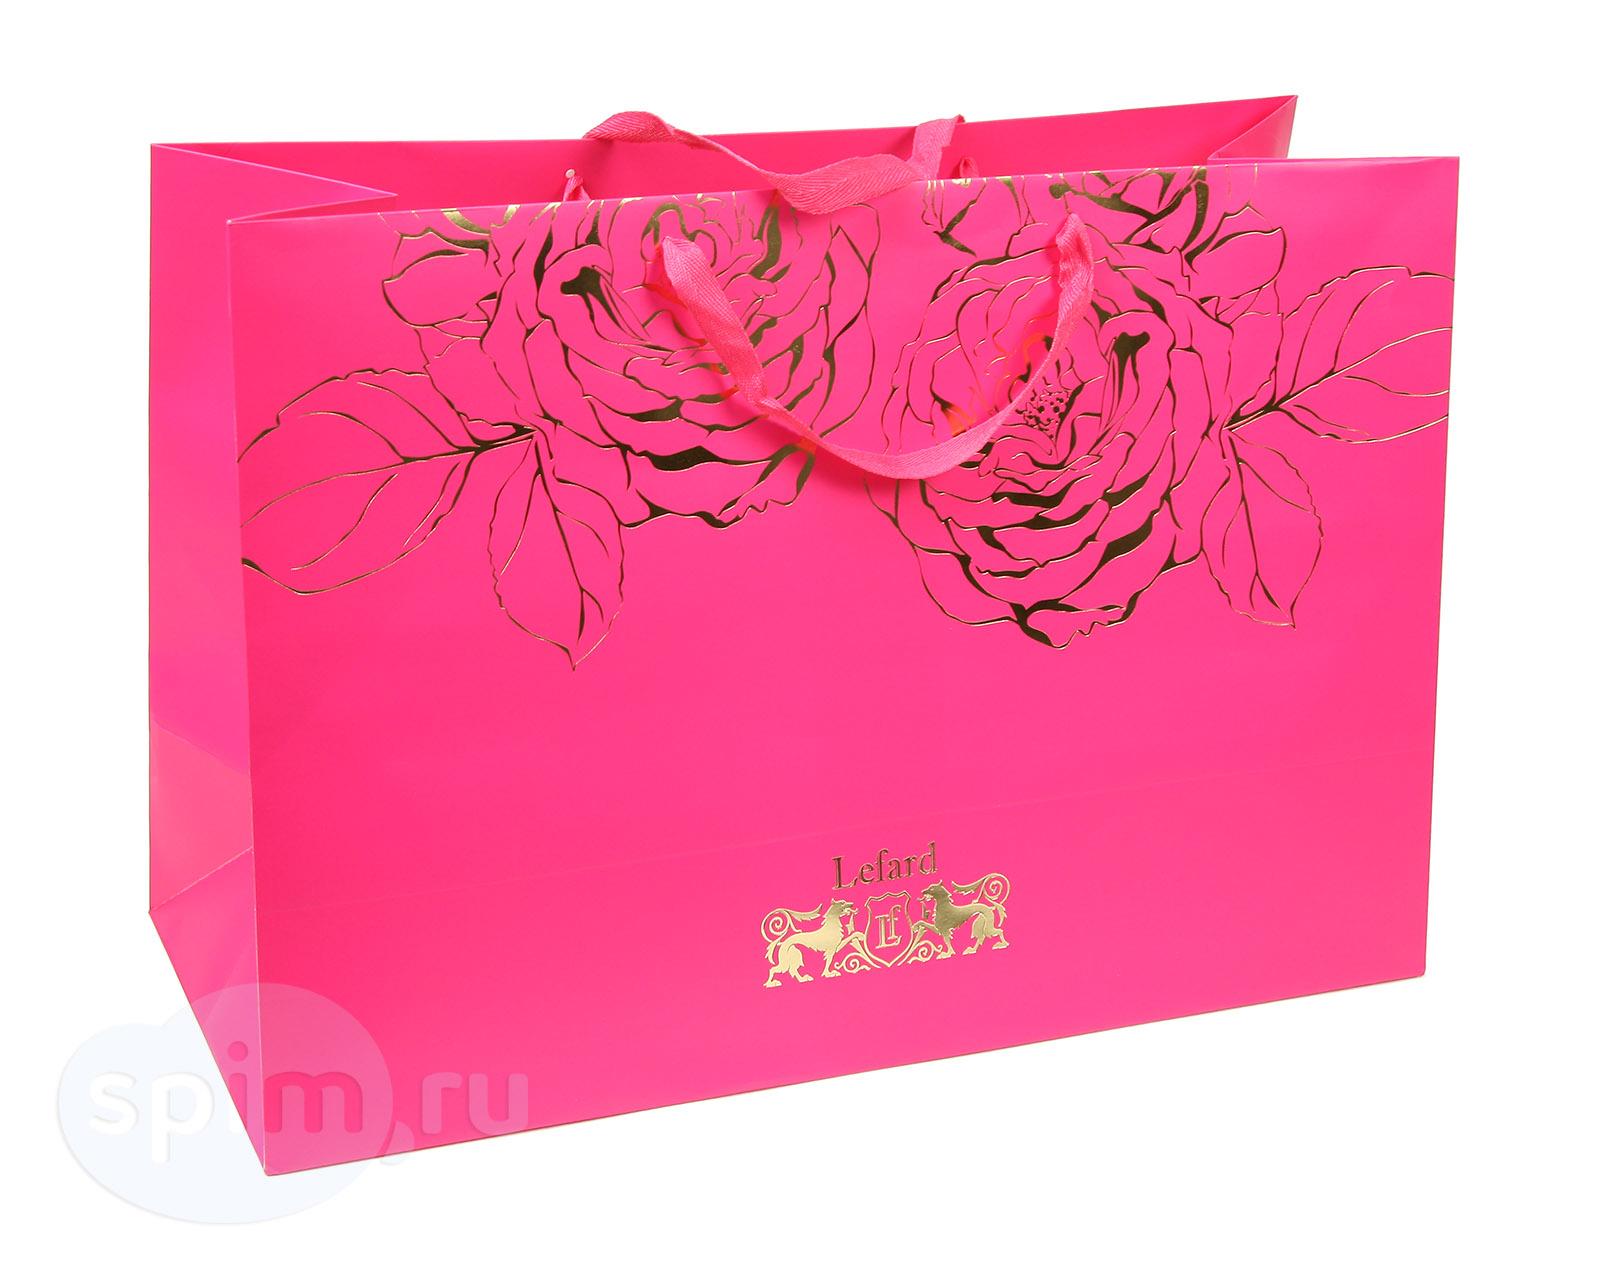 Широкий подарочный пакет Lefard, розовый - Detskoye-Postelnoe.Ru